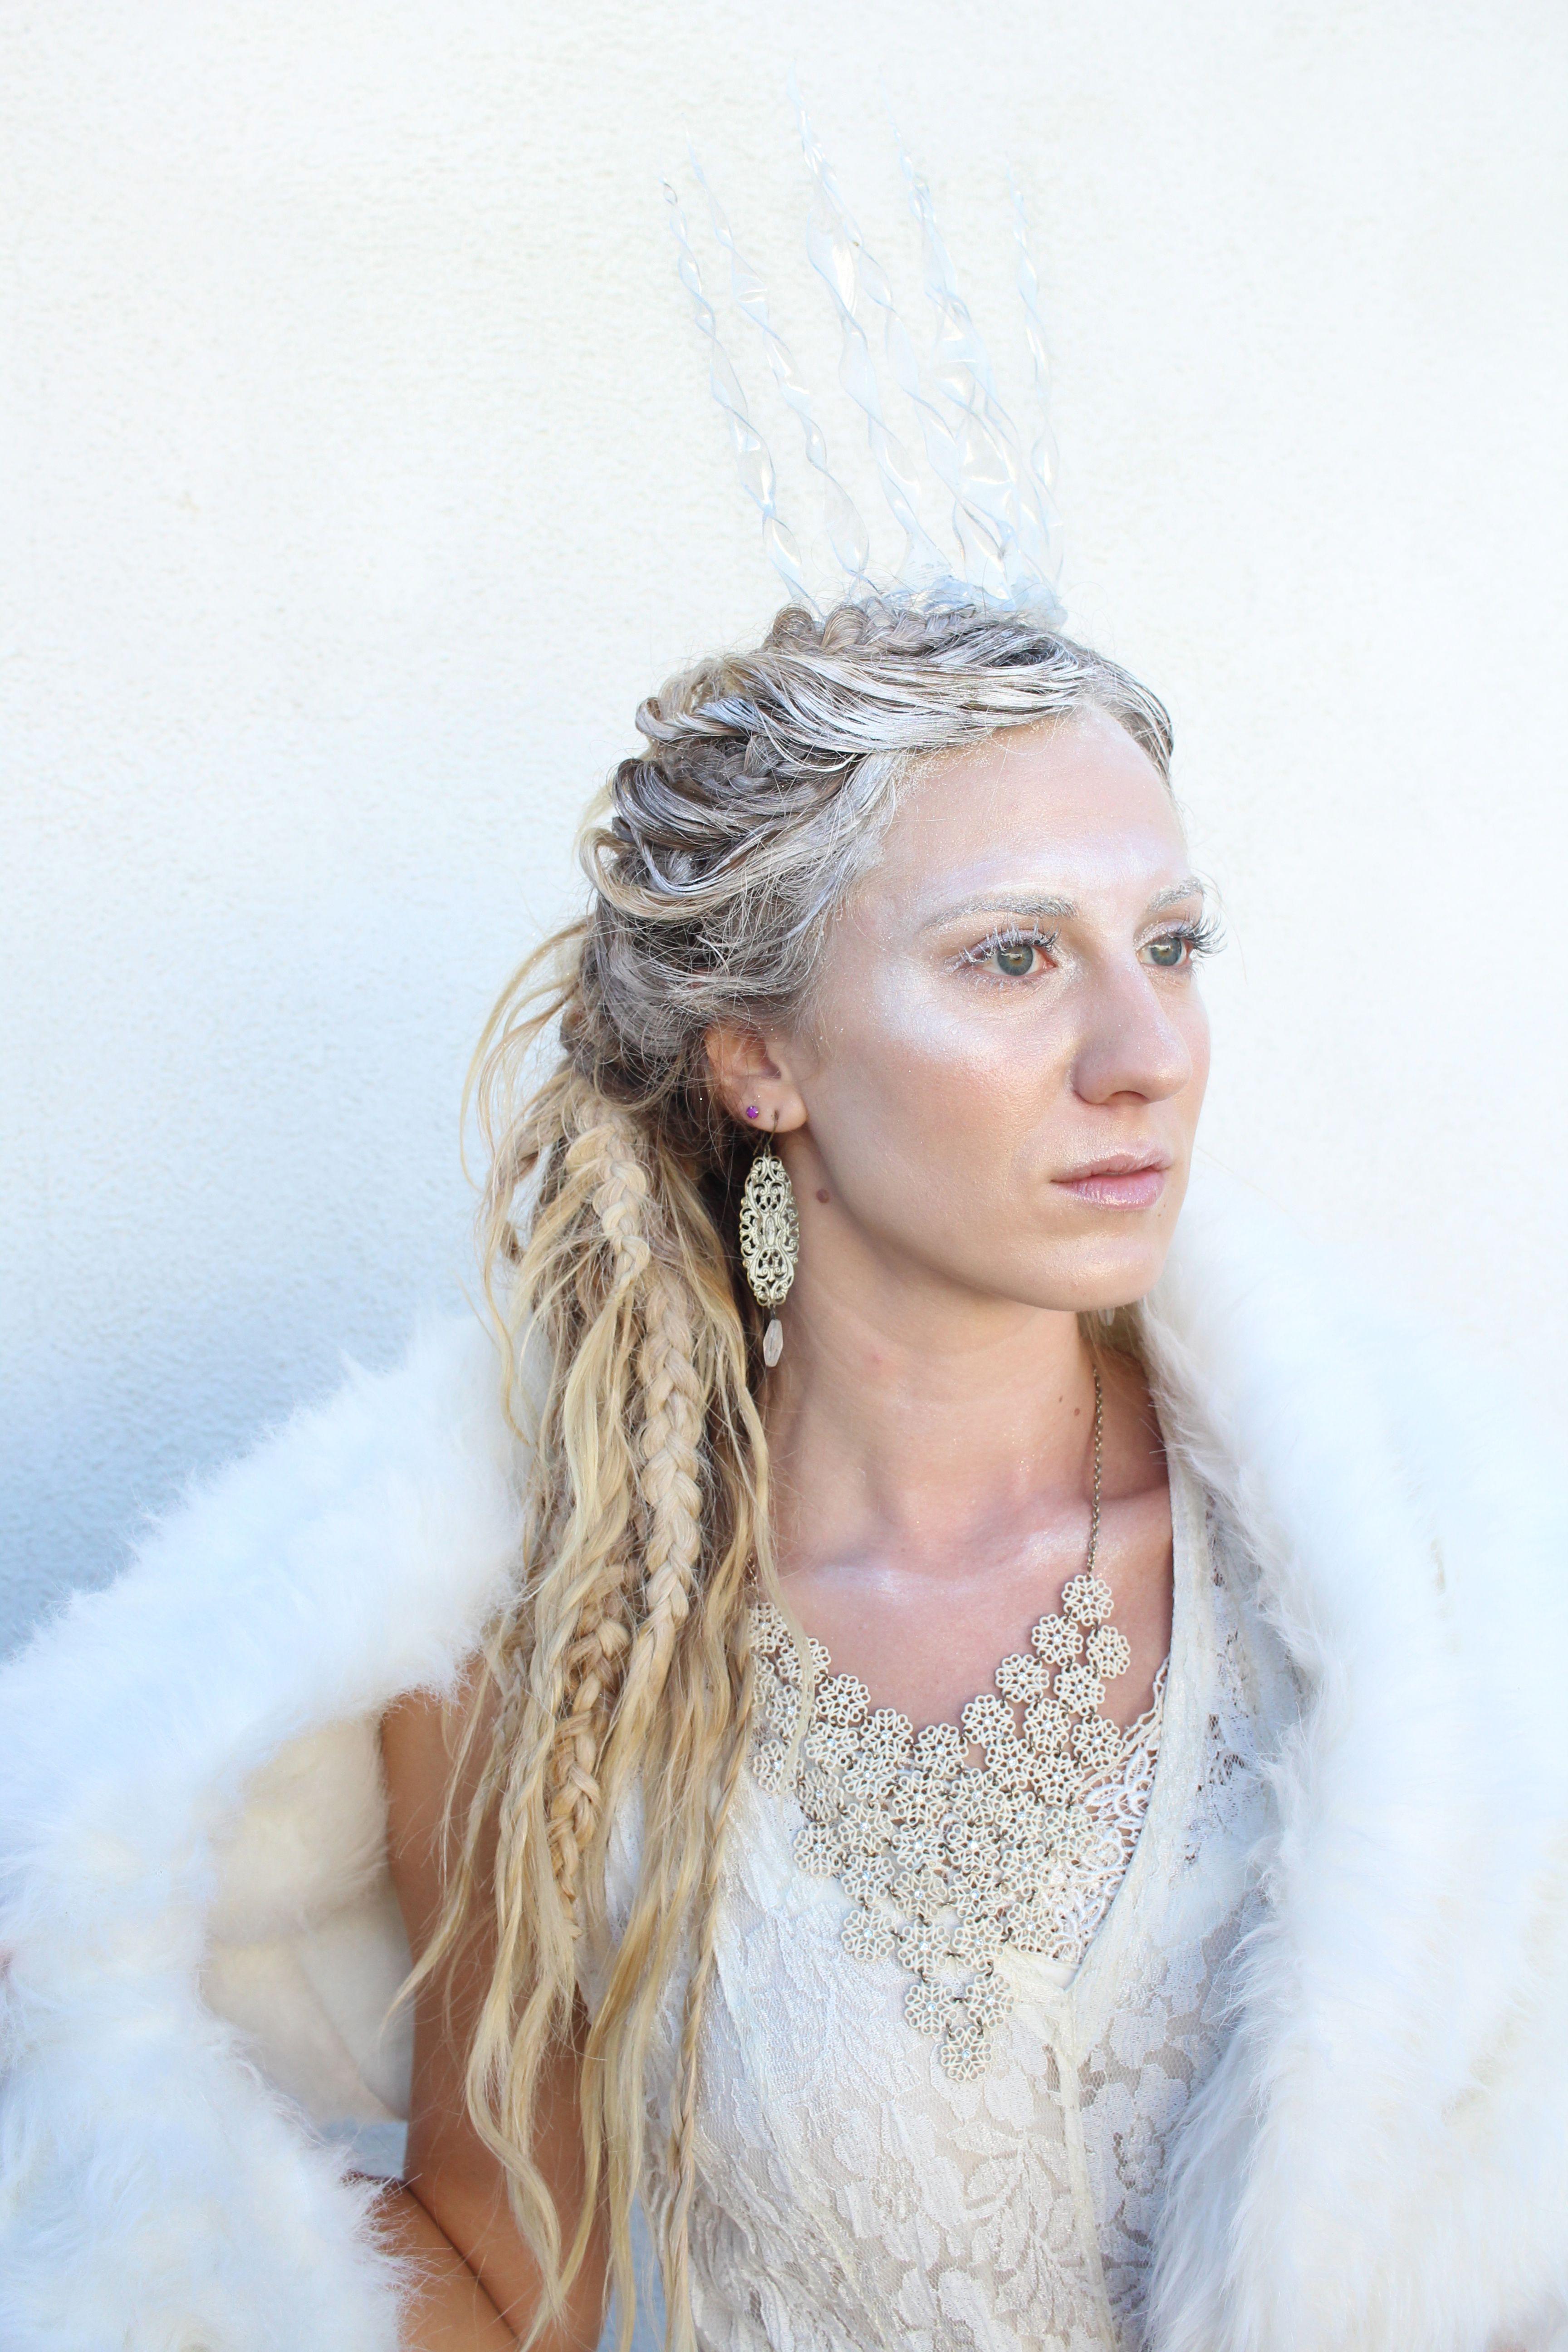 snow queen halloween costume hair